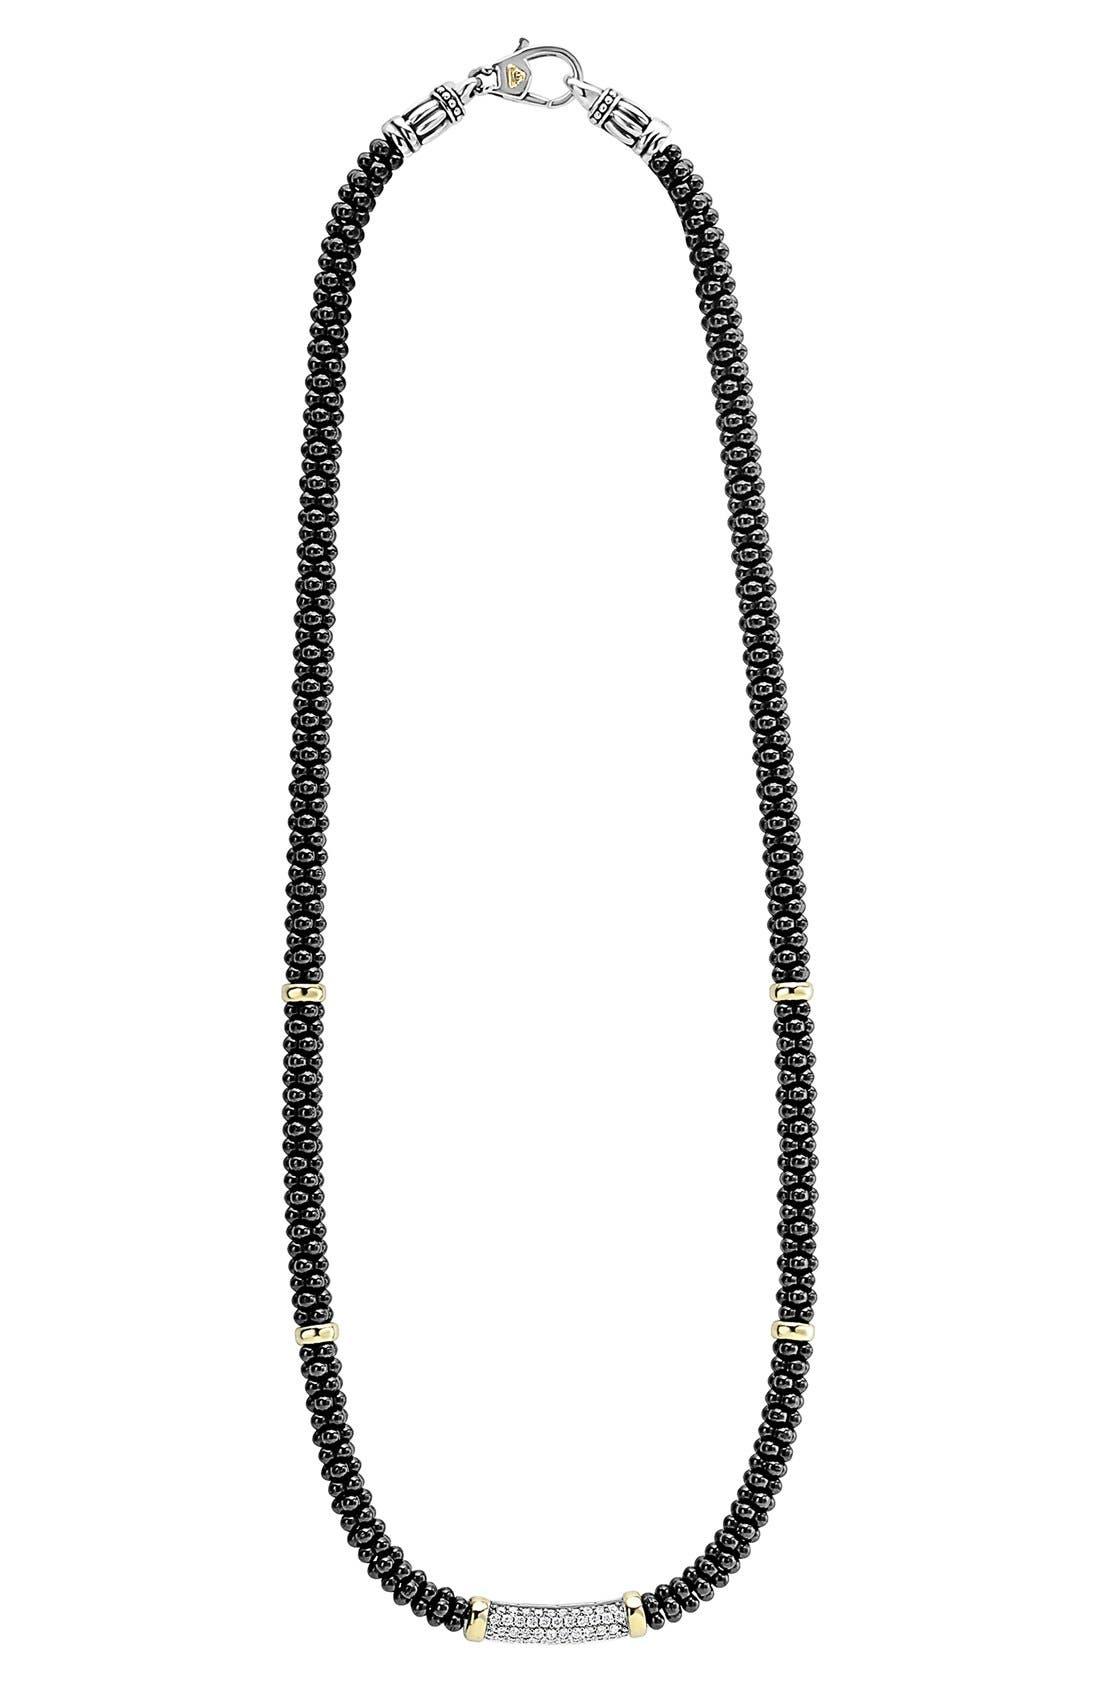 Alternate Image 2  - LAGOS 'Black Caviar' 5mm Beaded DiamondBar Necklace